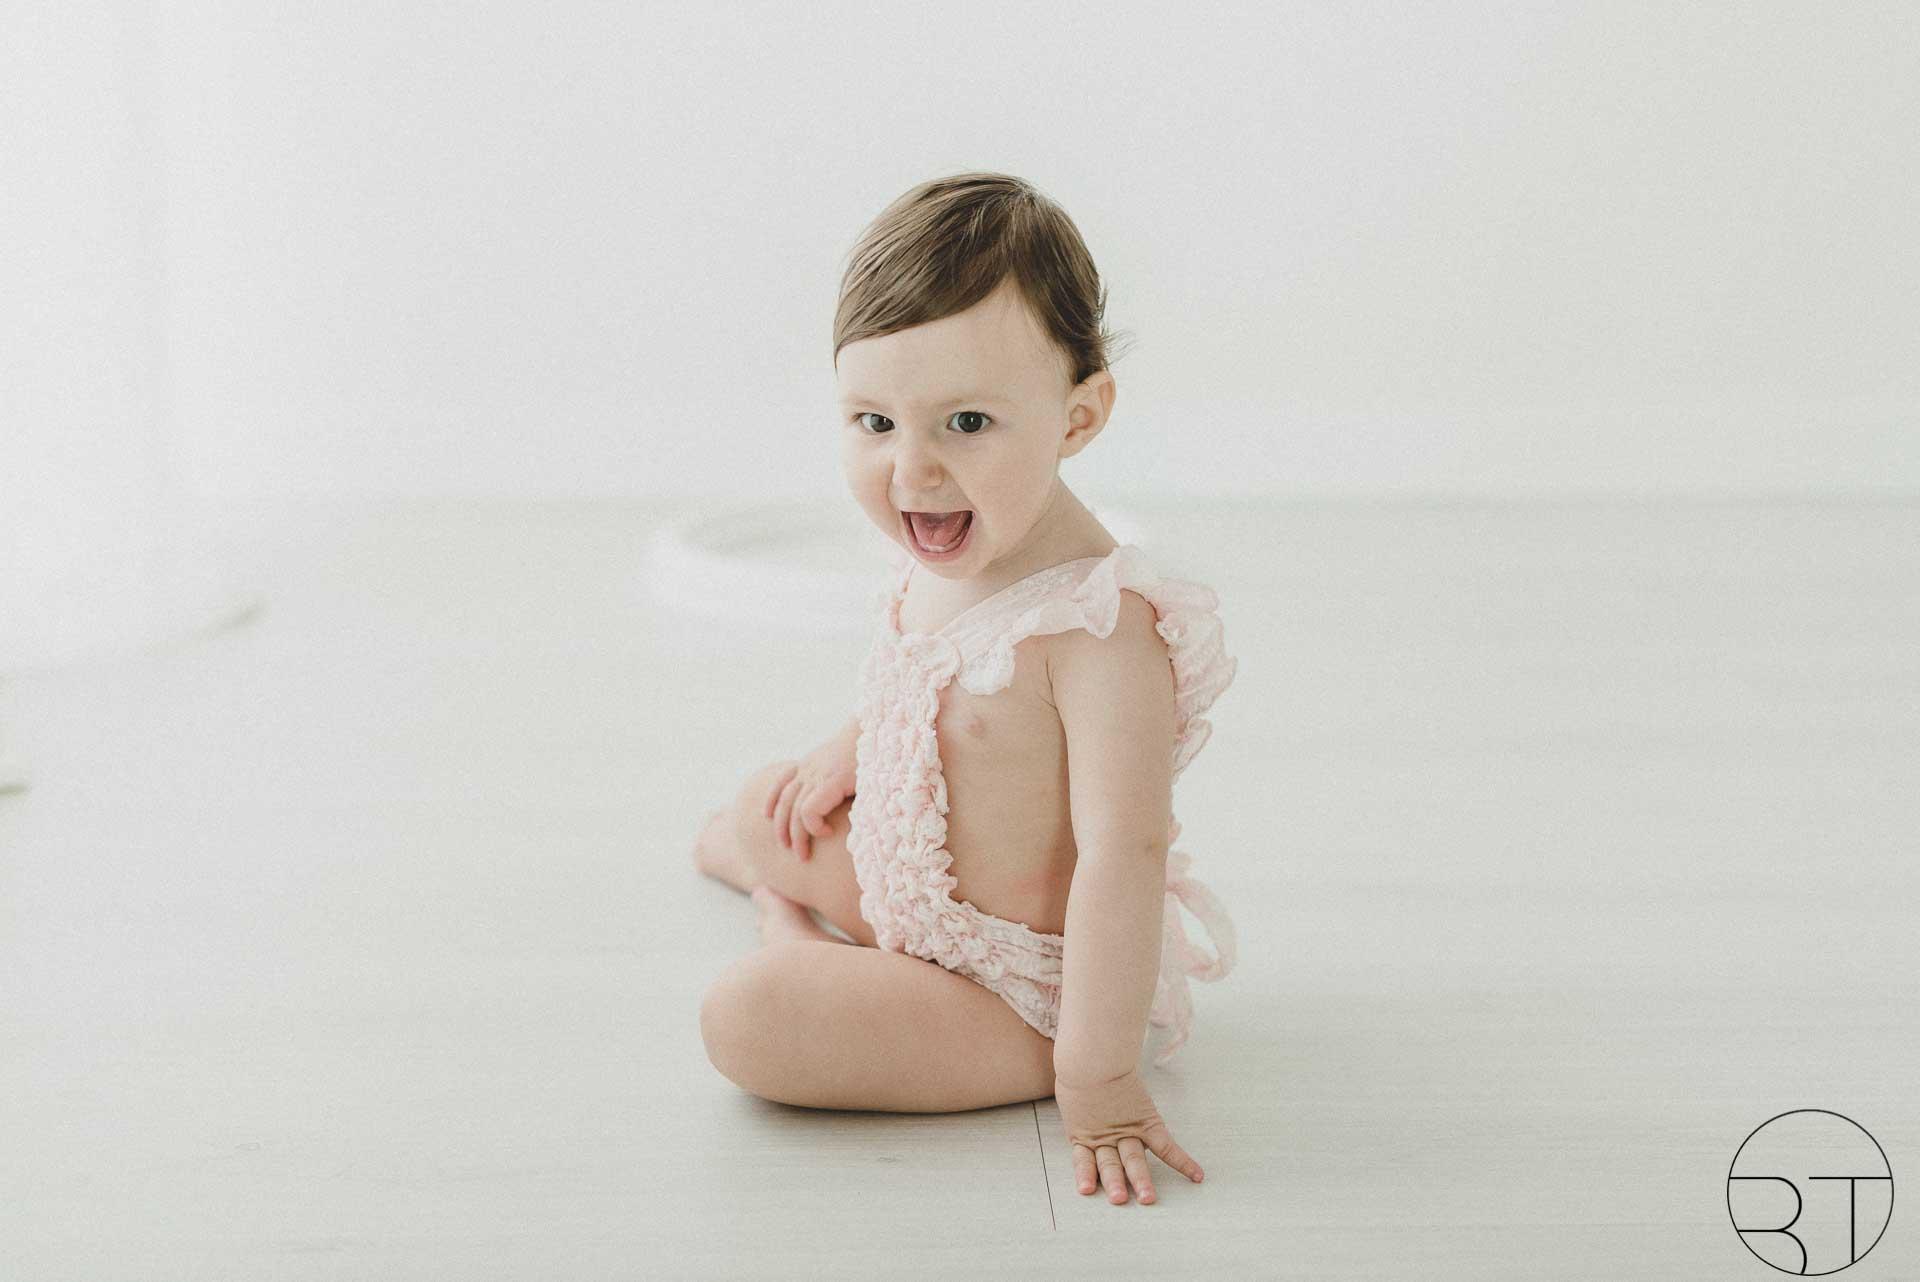 Fotografia bambina costume rosa realizzata da Barbara Trincone Fotografo specializzato in Gravidanza, Maternità, Genitorialità, Nascita e Newborn a Napoli, Avellino, Salerno, Caserta